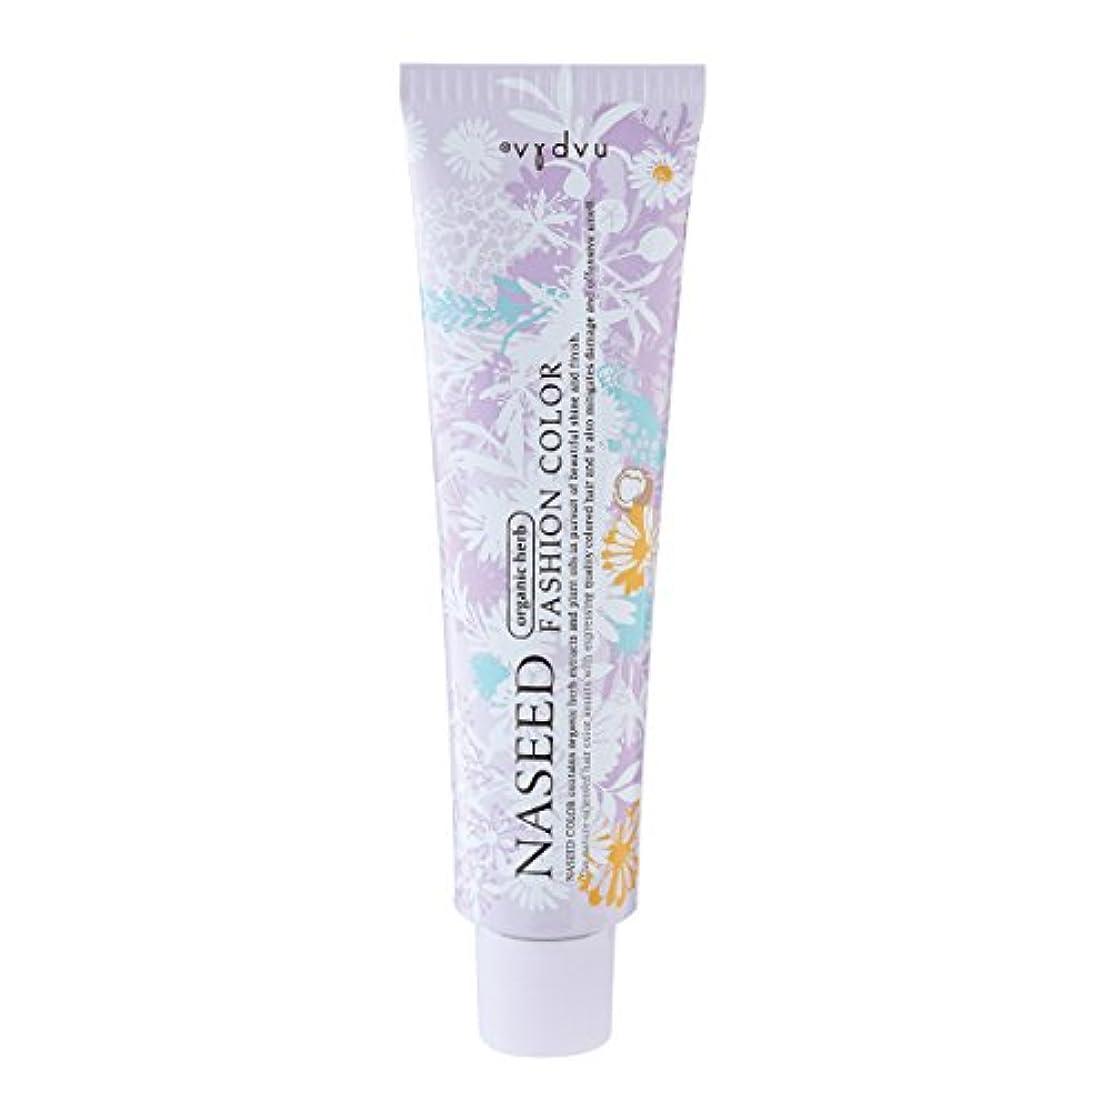 私達出会い慣性ナプラ ナシードカラー ナチュラル N-N7 80g (ファッションカラー) 【業務用】 【ヘアカラー1剤】